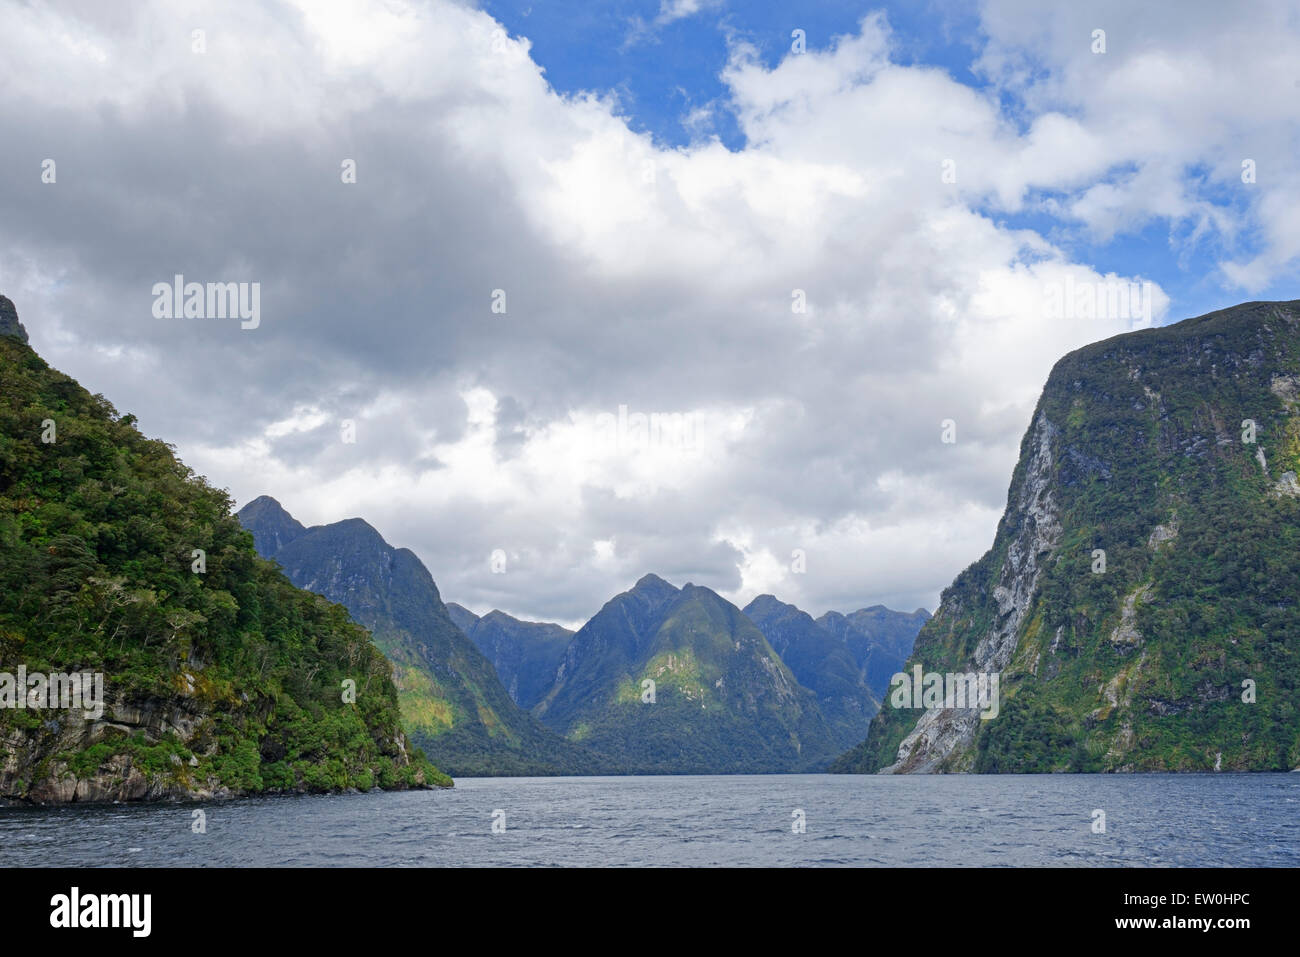 Le lac Manapouri, Fiordland National Park, Doubtful Sound, île du Sud, Southland, Nouvelle-Zélande, Australie Banque D'Images